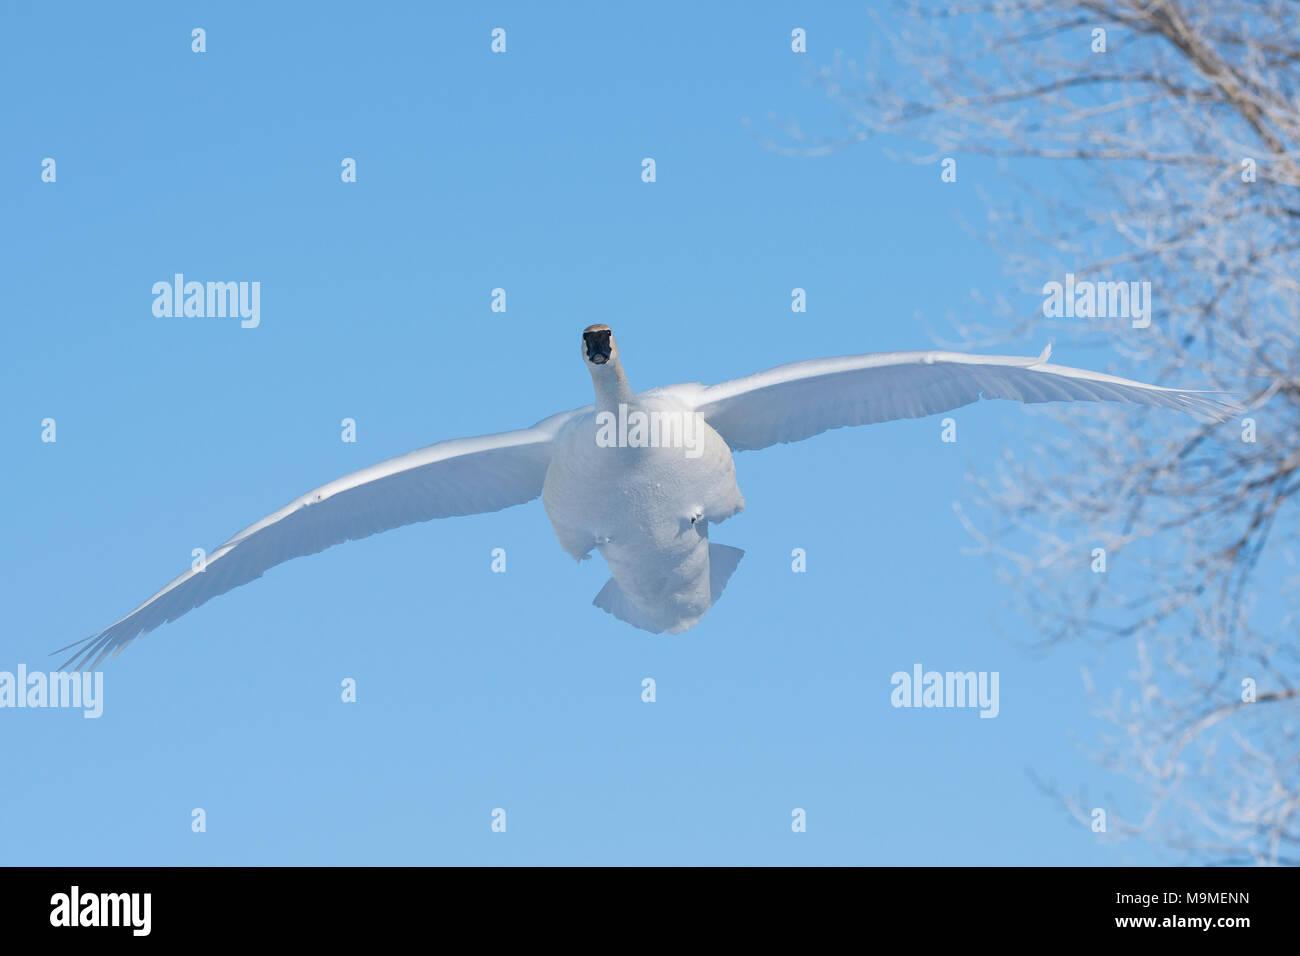 Trumpeter swan (Cygnus buccinatore), vicino a St Croix river, WI, Stati Uniti d'America, fine febbraio, da Dominique Braud/Dembinsky Foto Assoc Immagini Stock